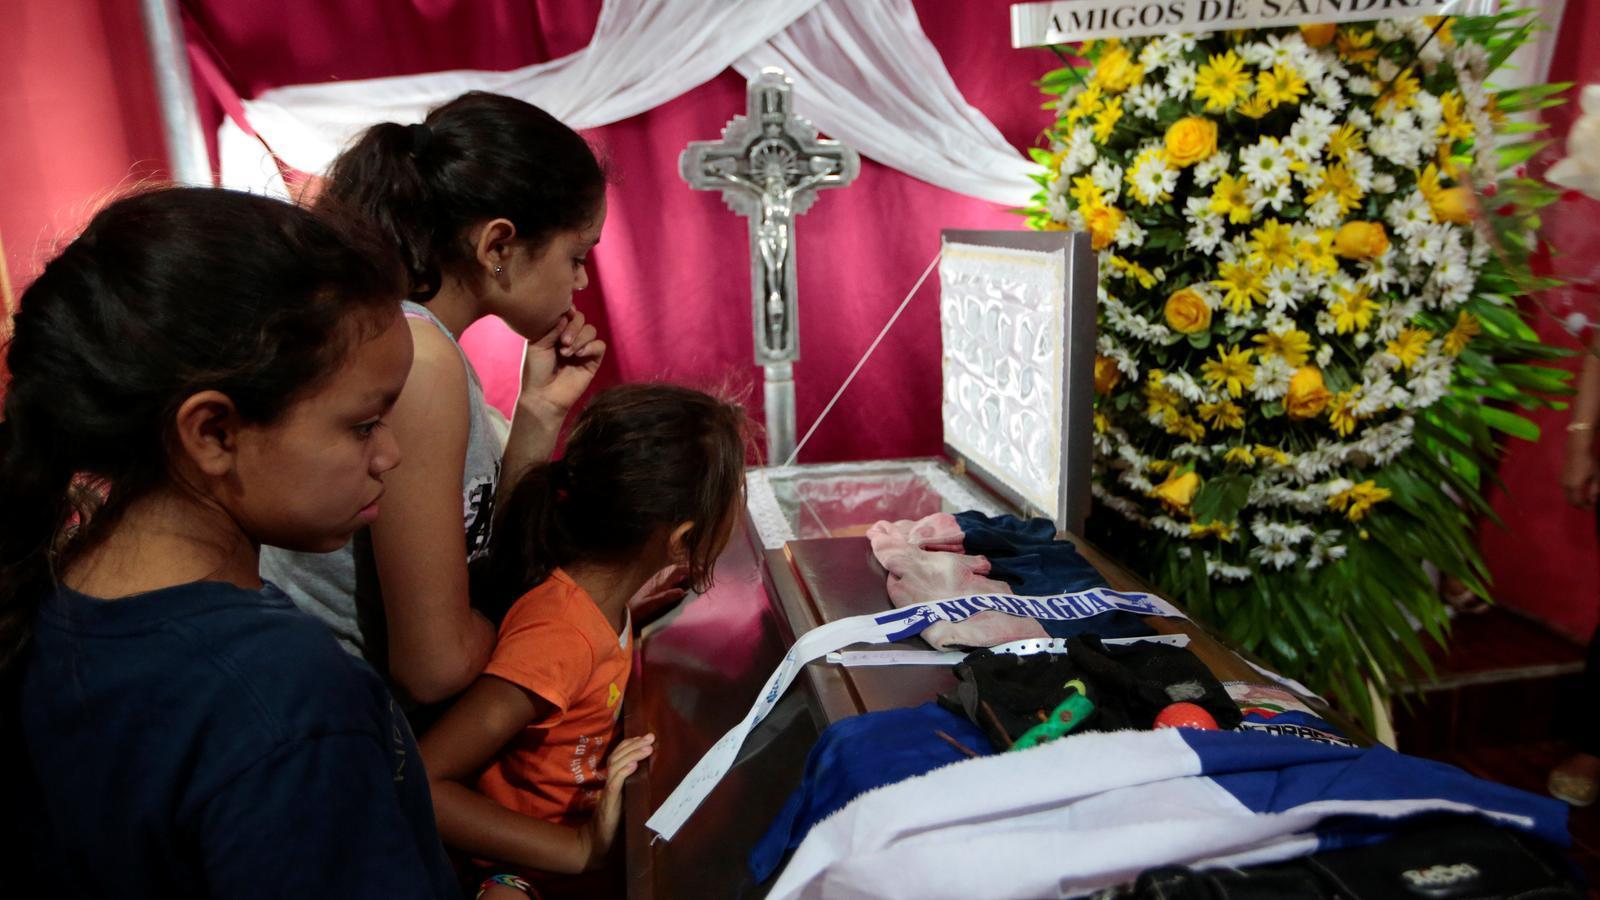 Uns nens miren la tomba d'un dels estudiants que va morir durant els atacs amb la policia a la Universitat Nacional Autònoma de Nicaragua.